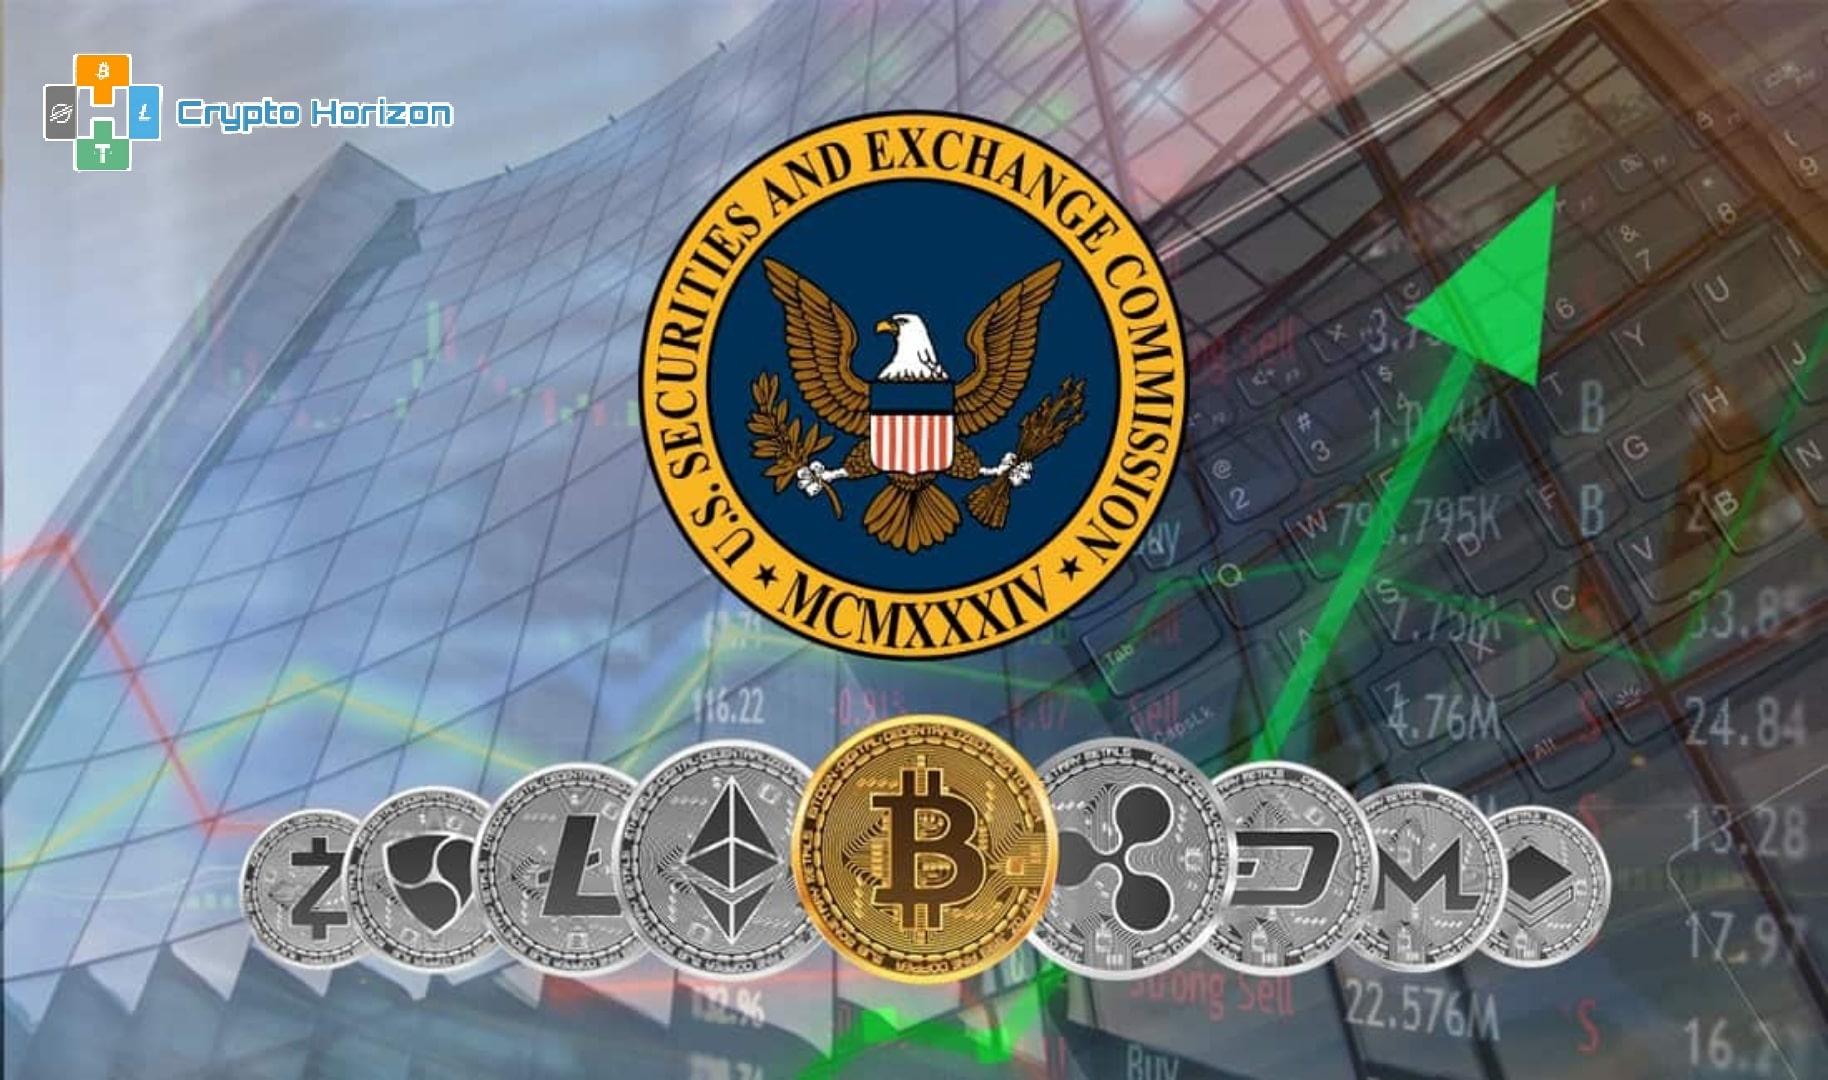 الأوراق المالية والبورصات SEC